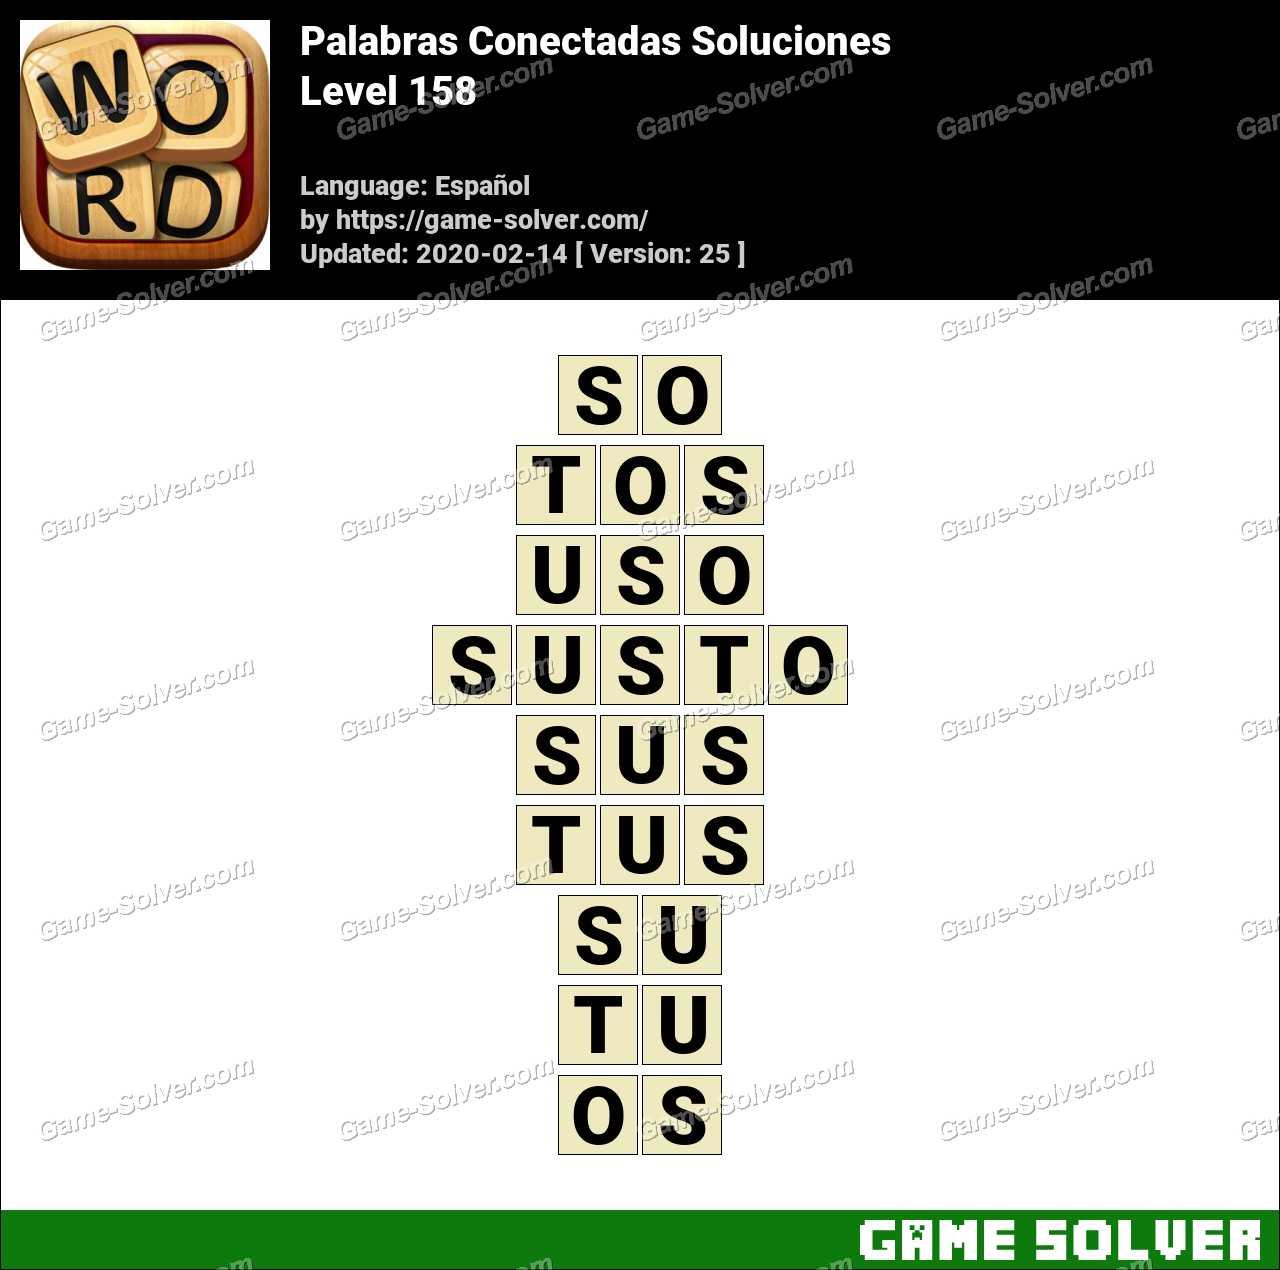 Palabras Conectadas Nivel 158 Soluciones